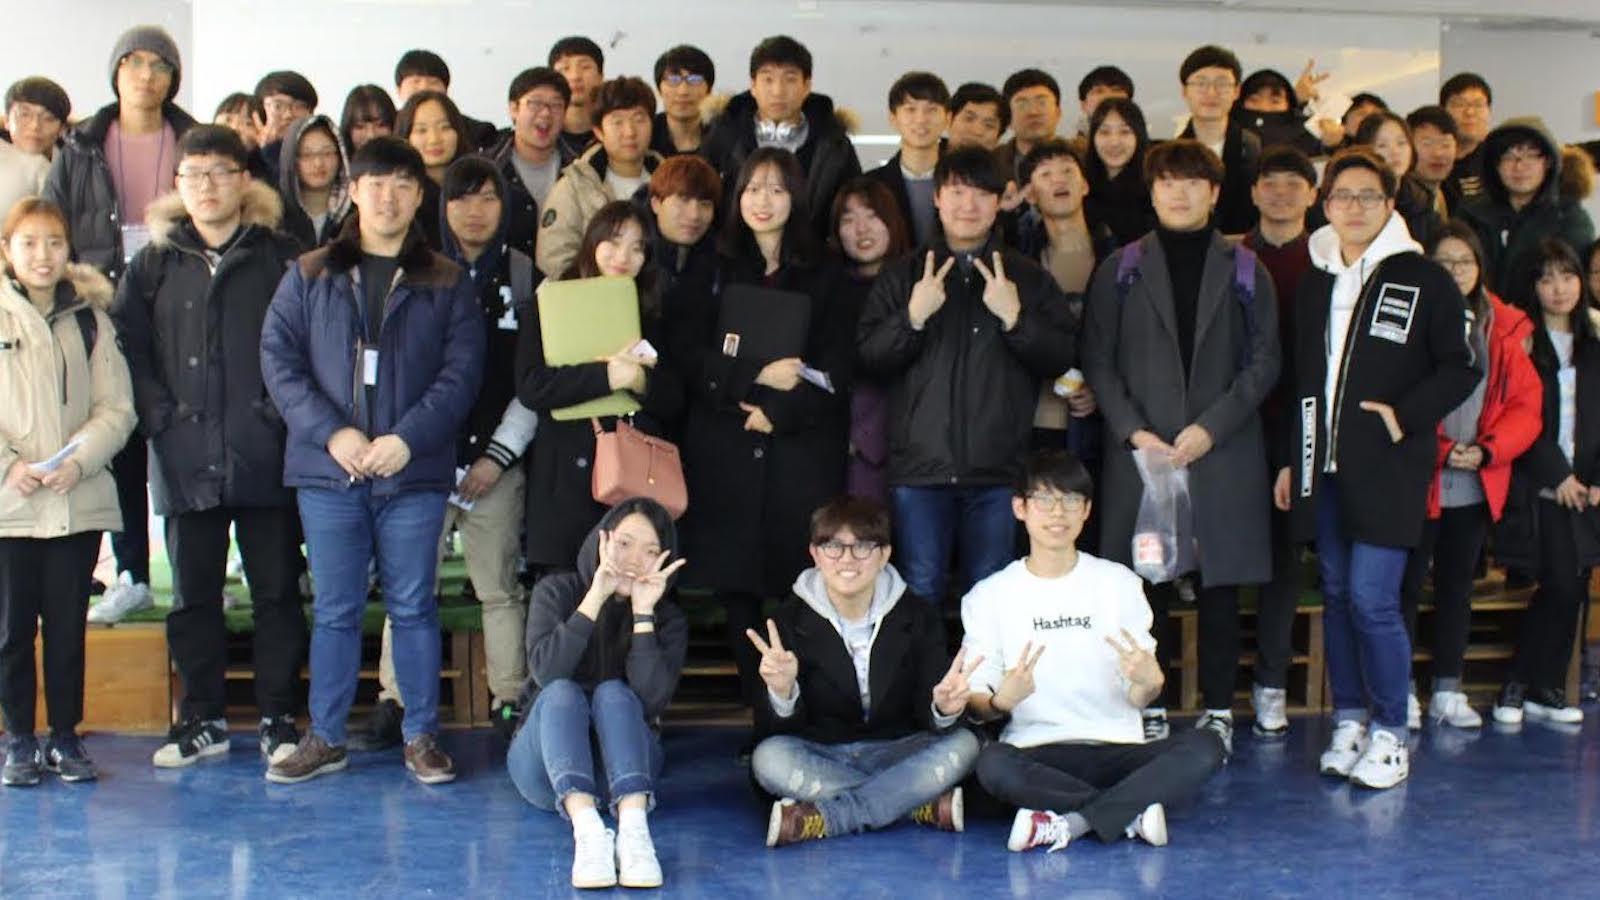 GDG Korea Campus